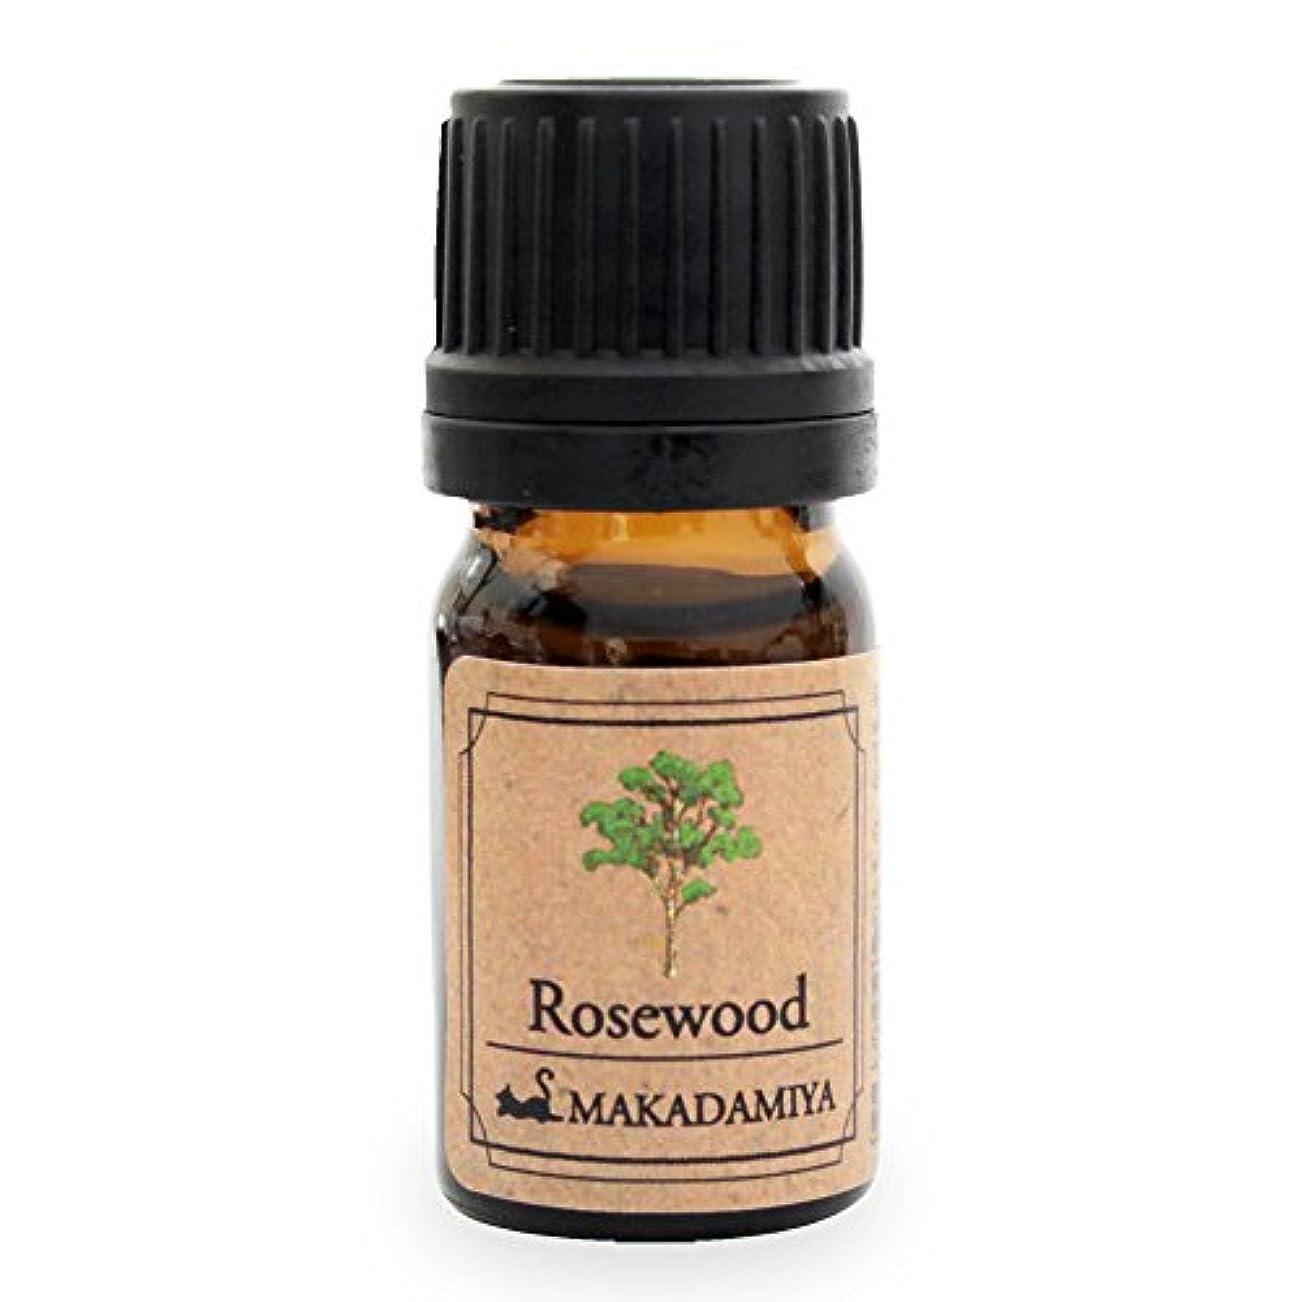 フィールドほこりっぽい魅力的ローズウッド5ml 天然100%植物性 エッセンシャルオイル(精油) アロマオイル アロママッサージ aroma Rosewood